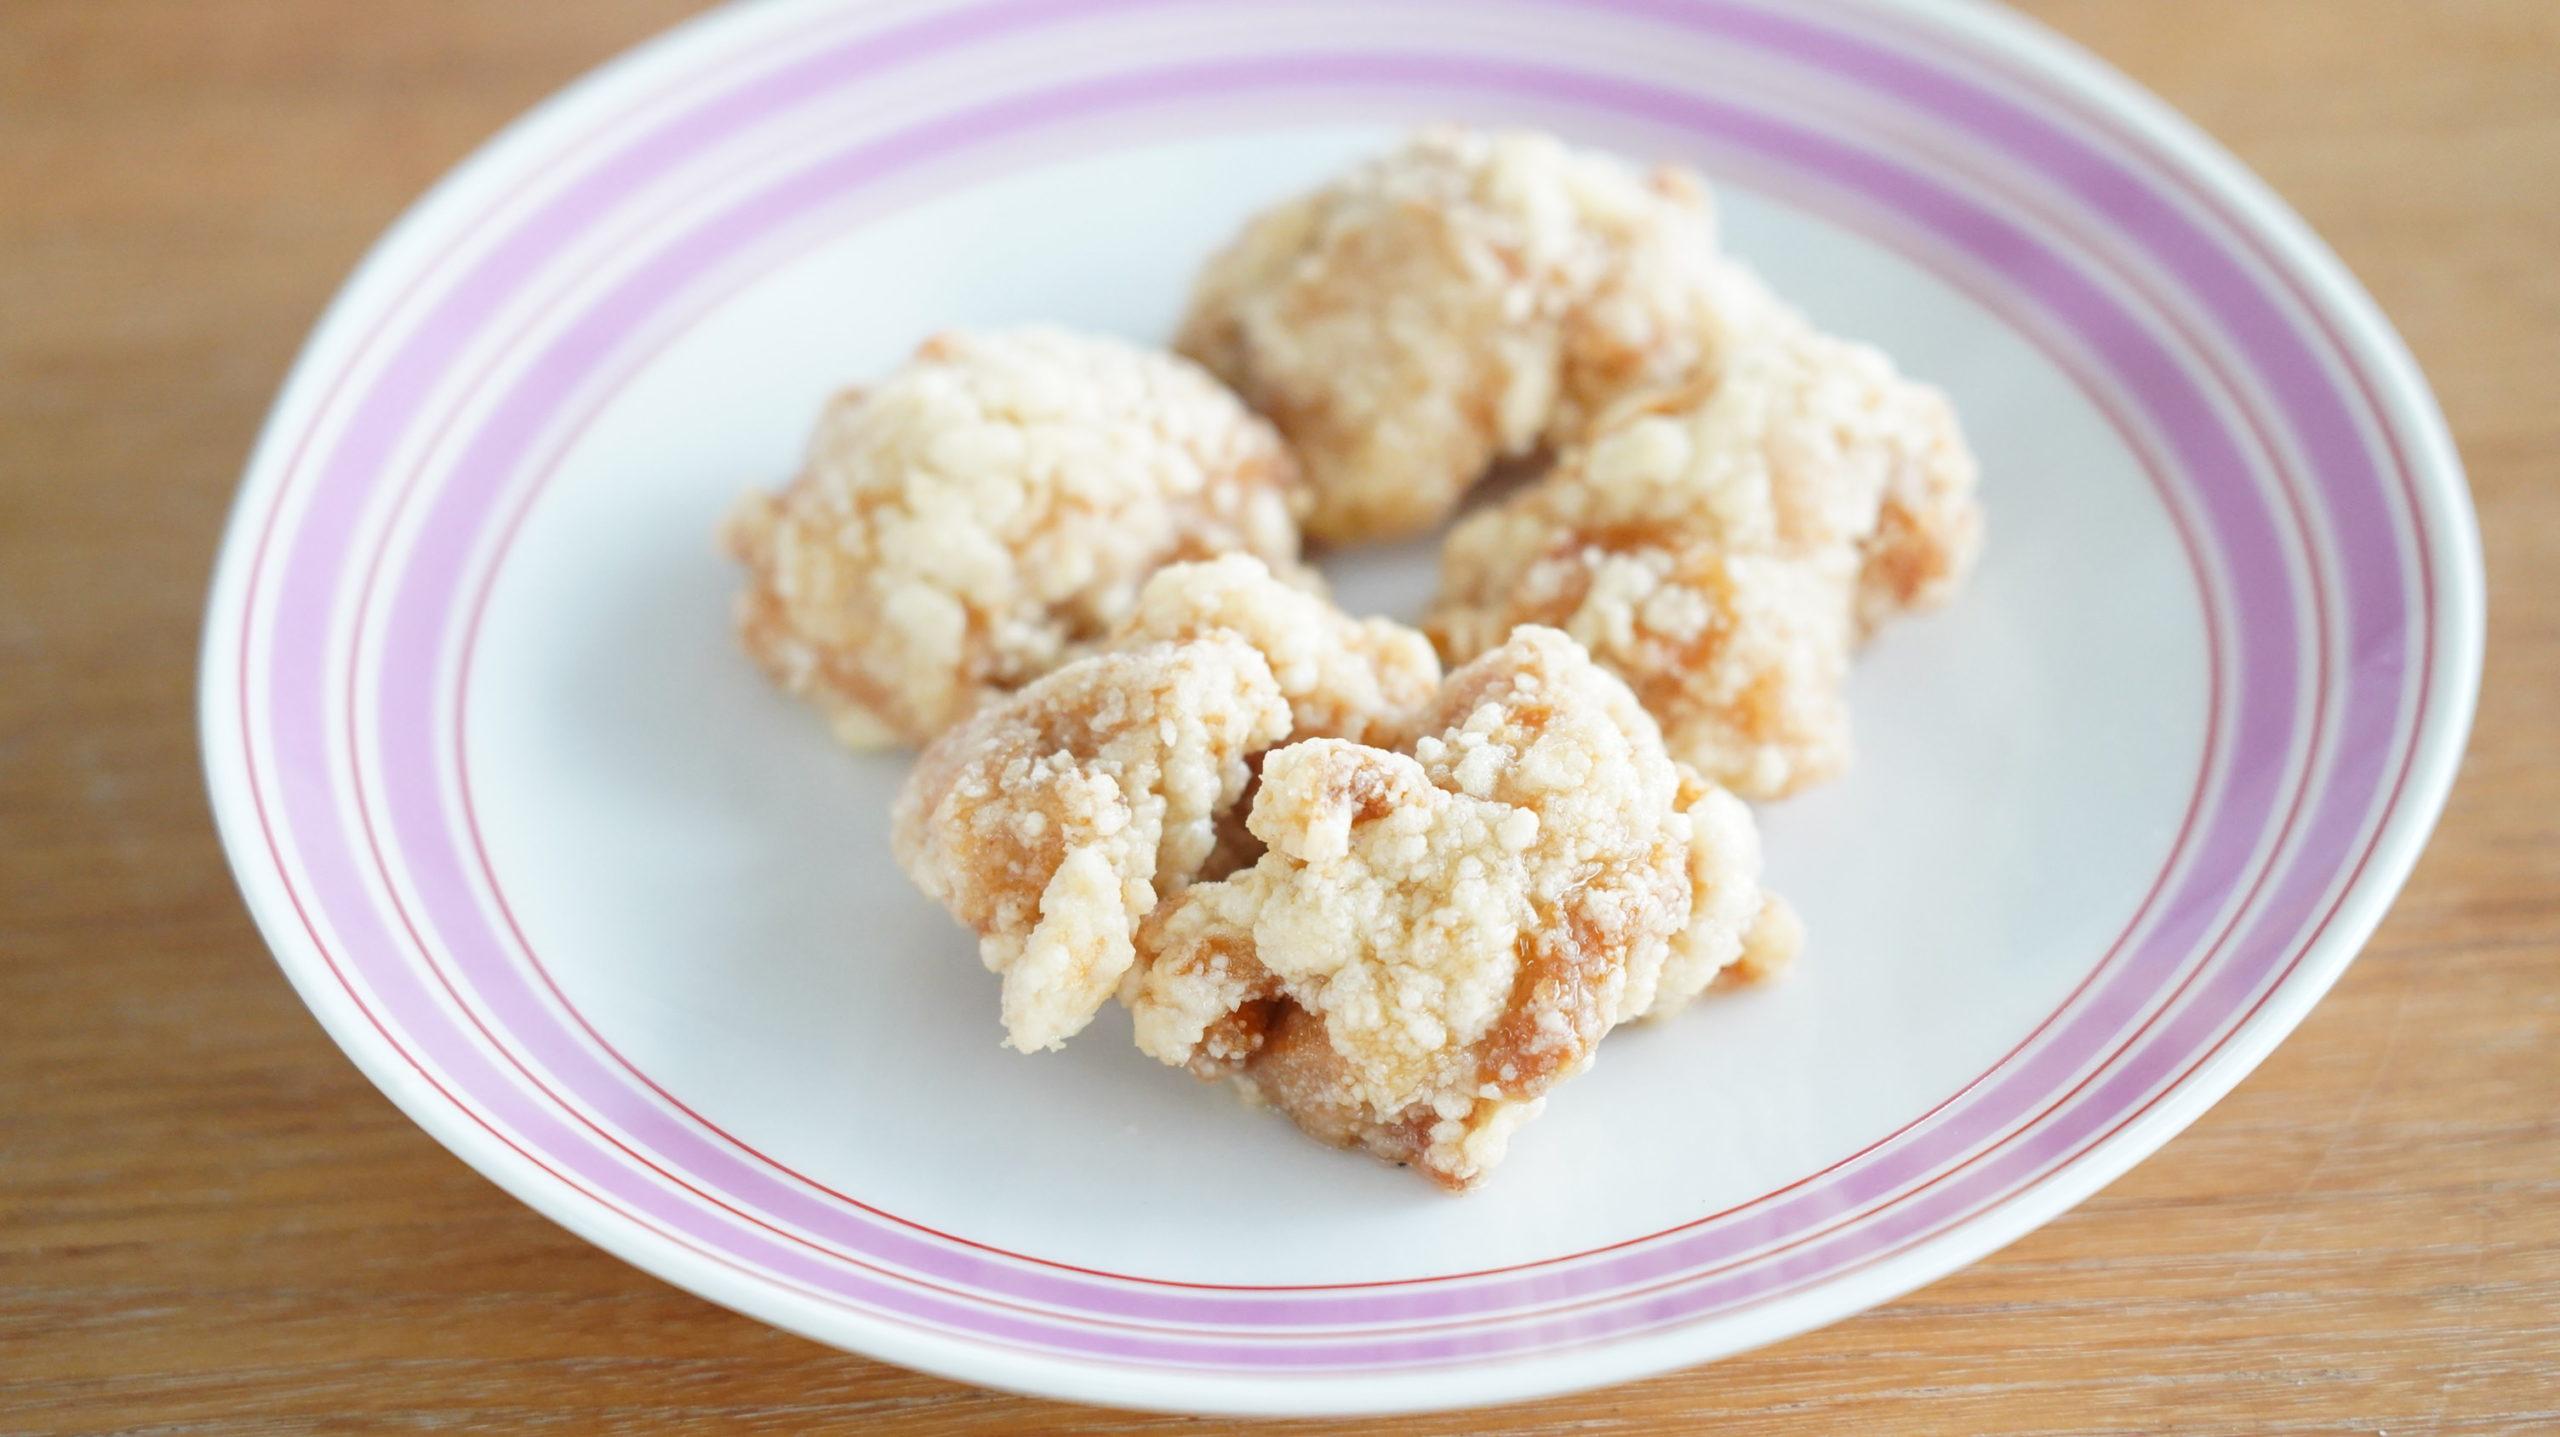 コストコの冷凍食品「CP 若鶏の竜田揚げ」の衣の写真